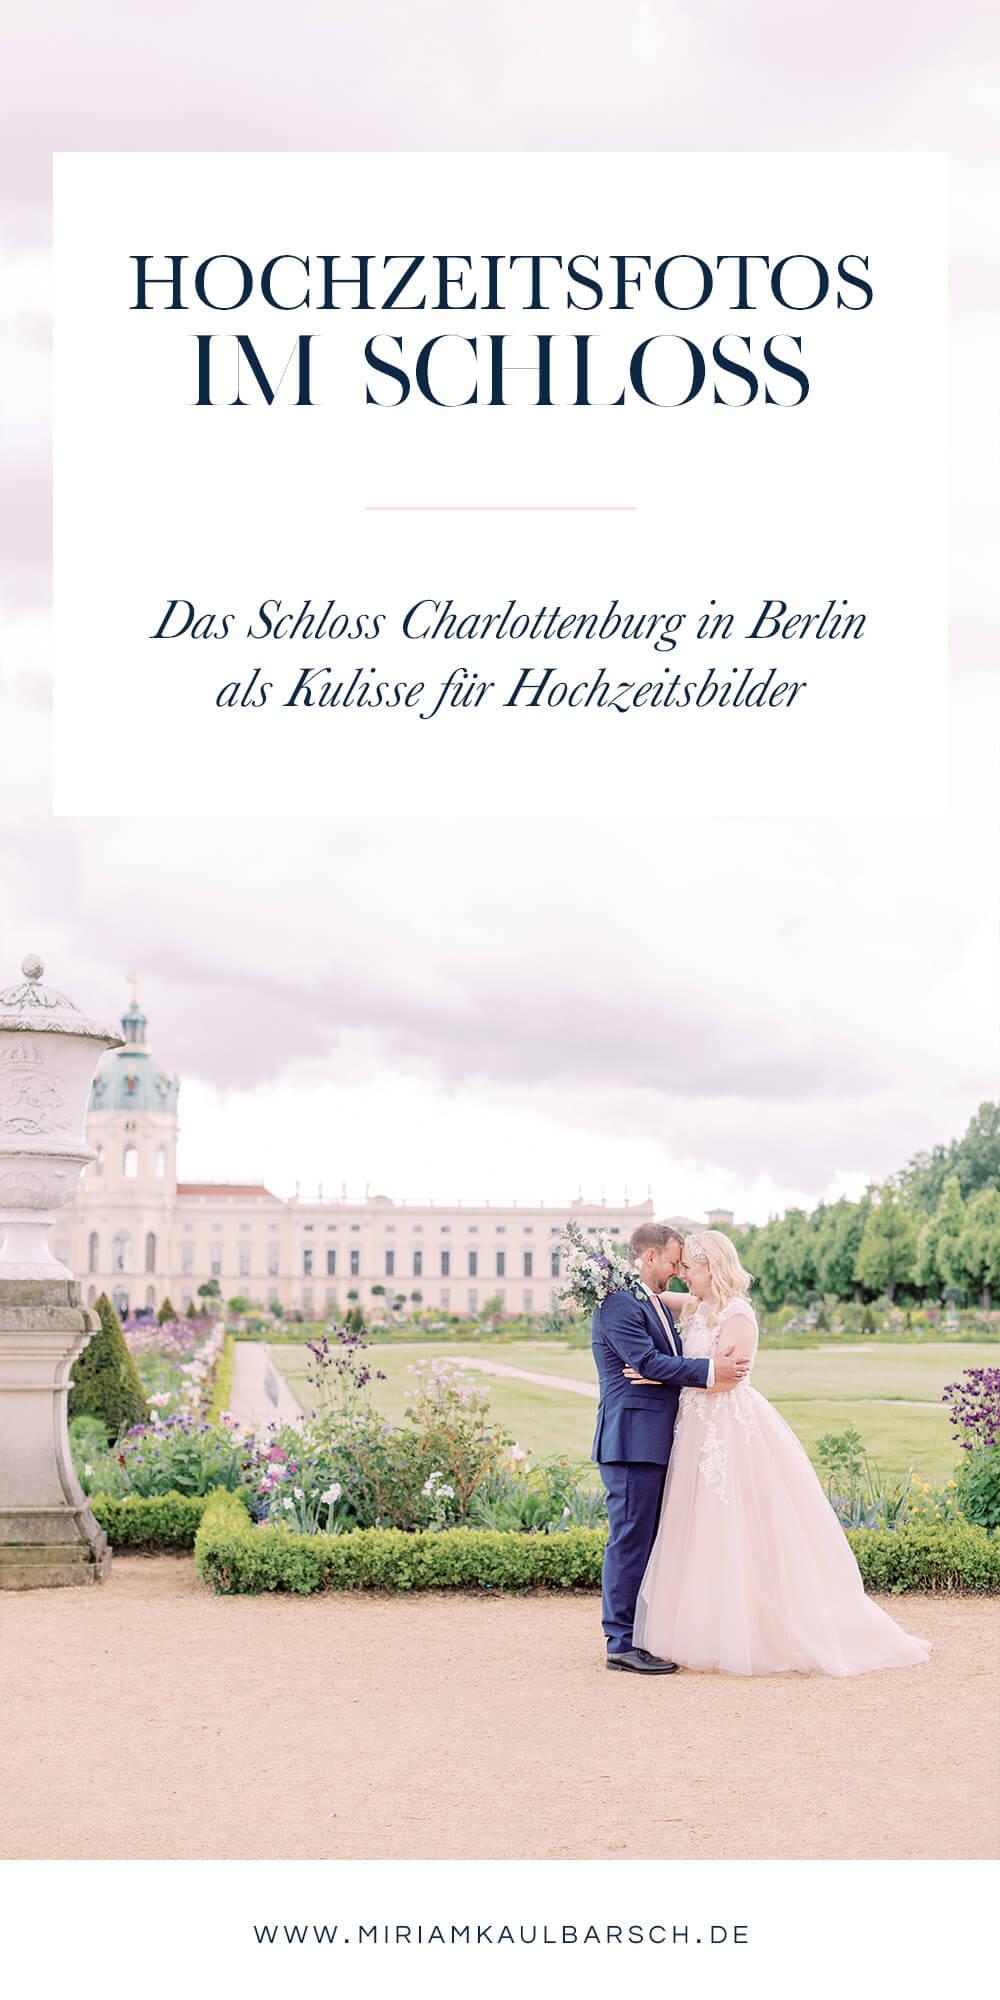 Hochzeitsfotos im Schloss Charlottenburg mit Hochzeitsfotograf Berlin Miriam Kaulbarsch